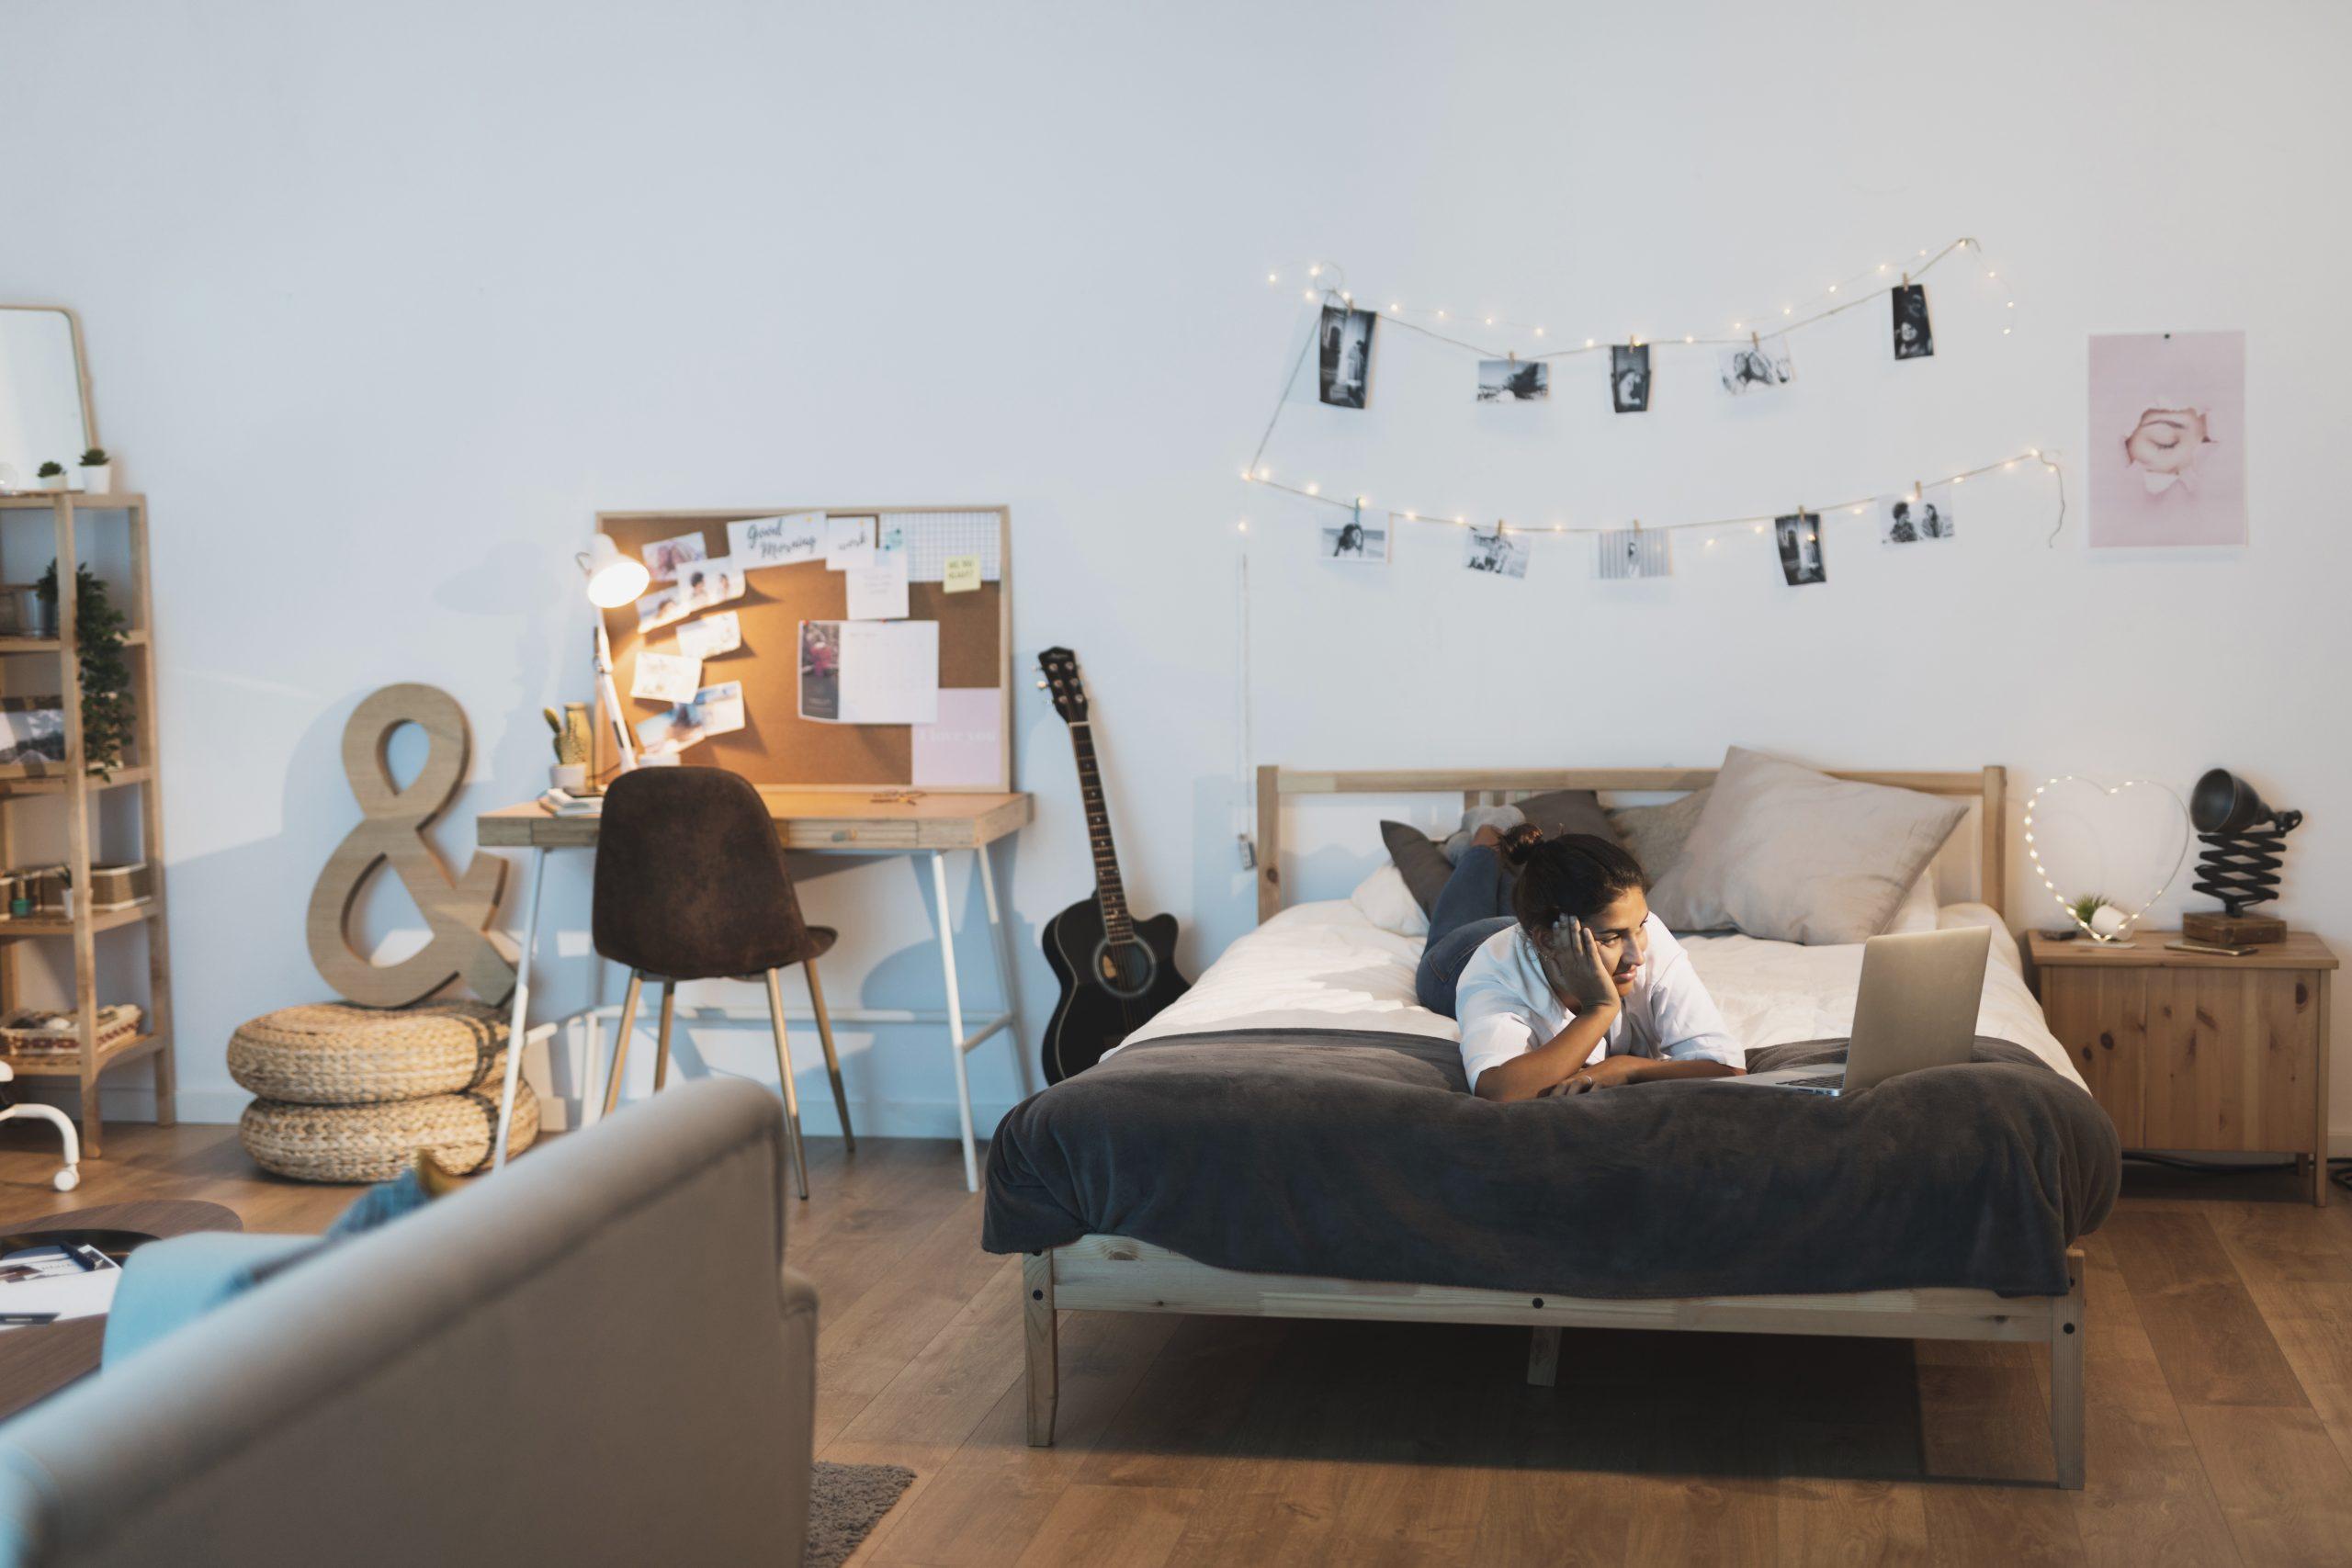 dormitorio-estudiantes